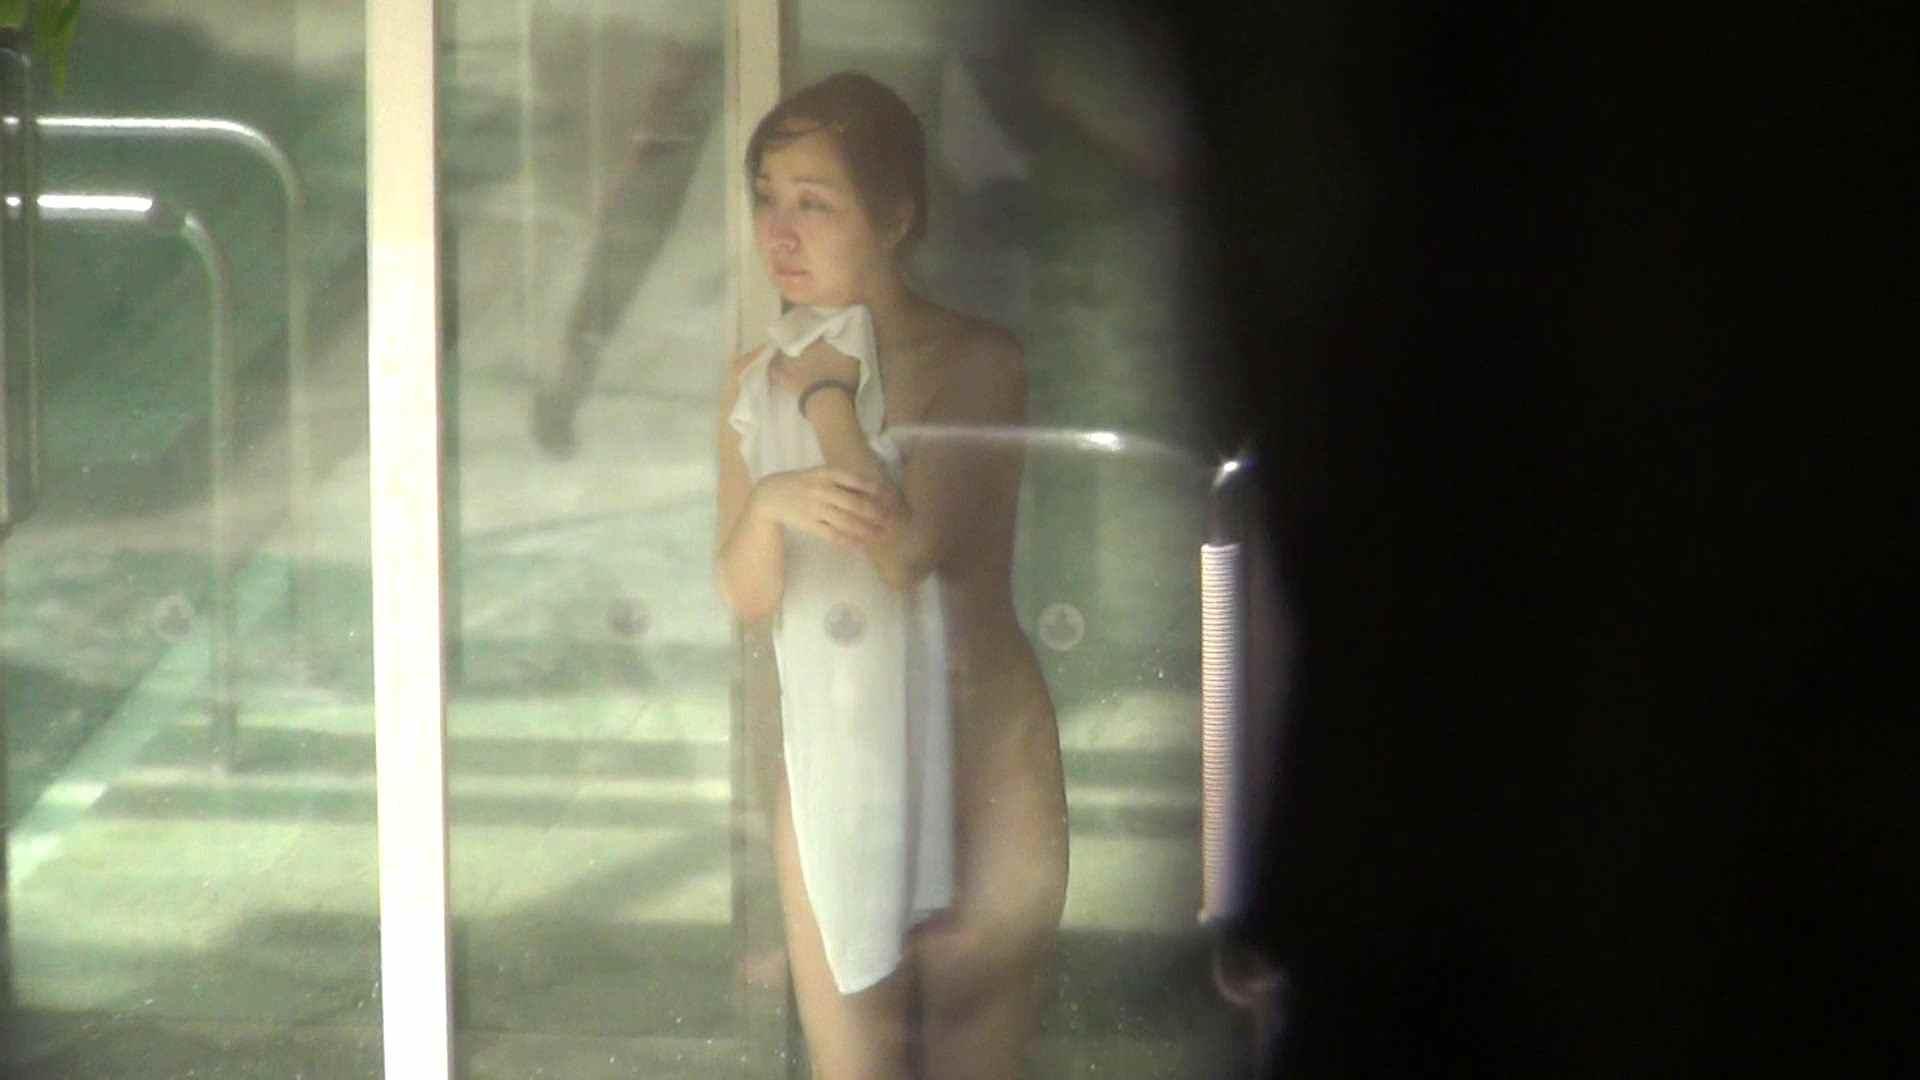 Aquaな露天風呂Vol.308 盗撮動画 | 露天風呂  10枚 1